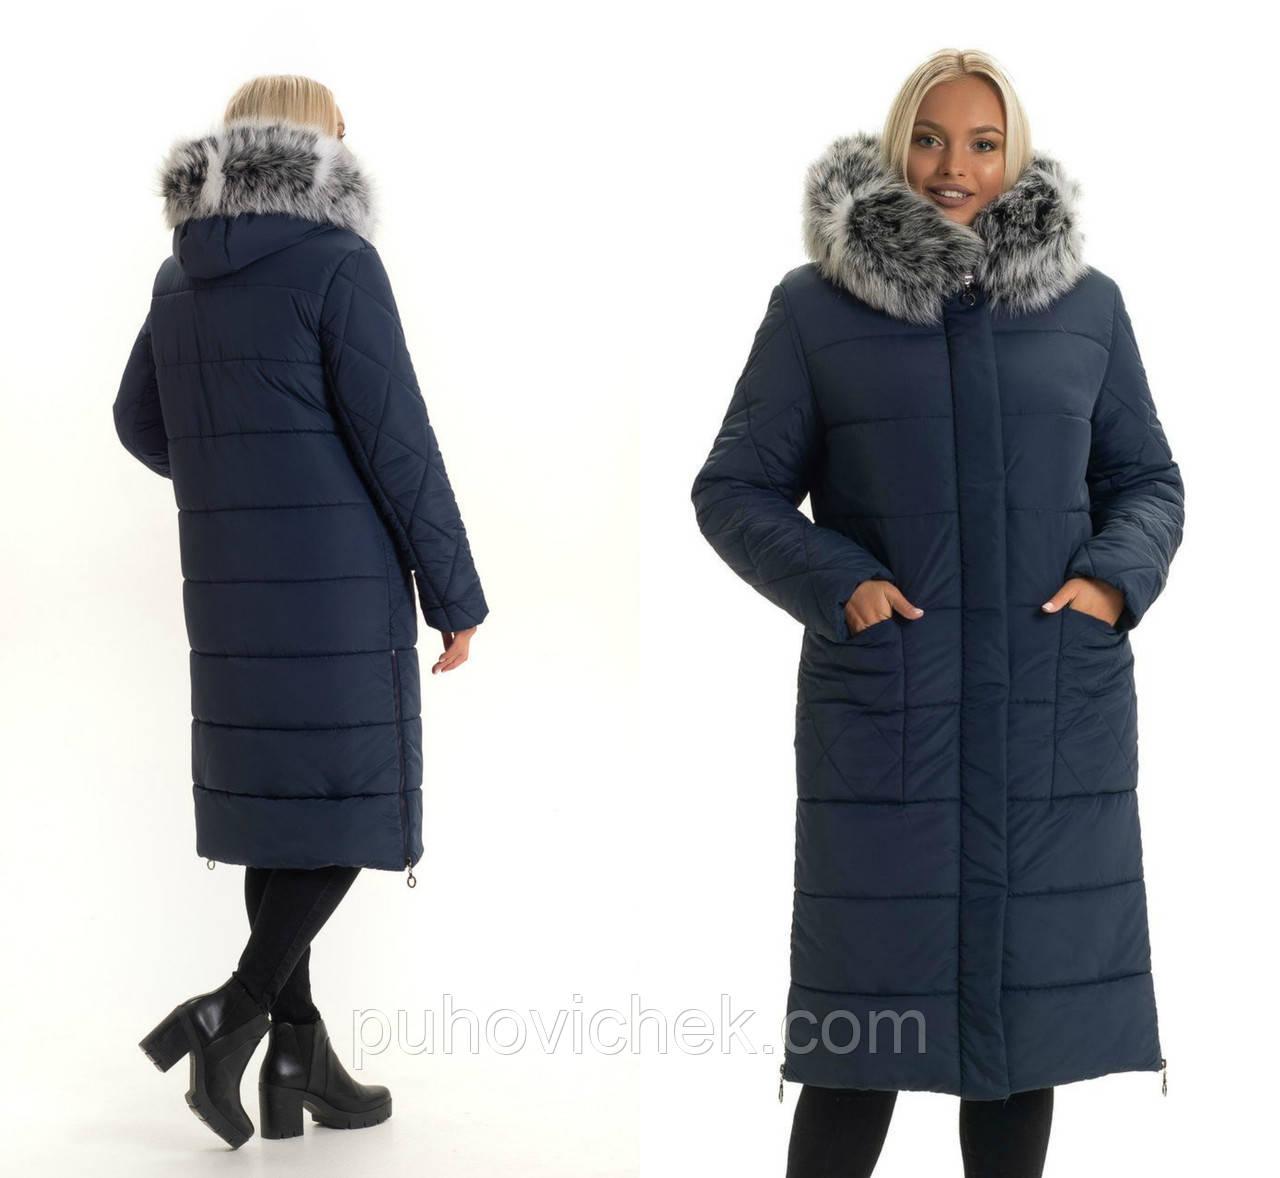 Зимняя женская куртка интернет магазин новинка размеры 48-58